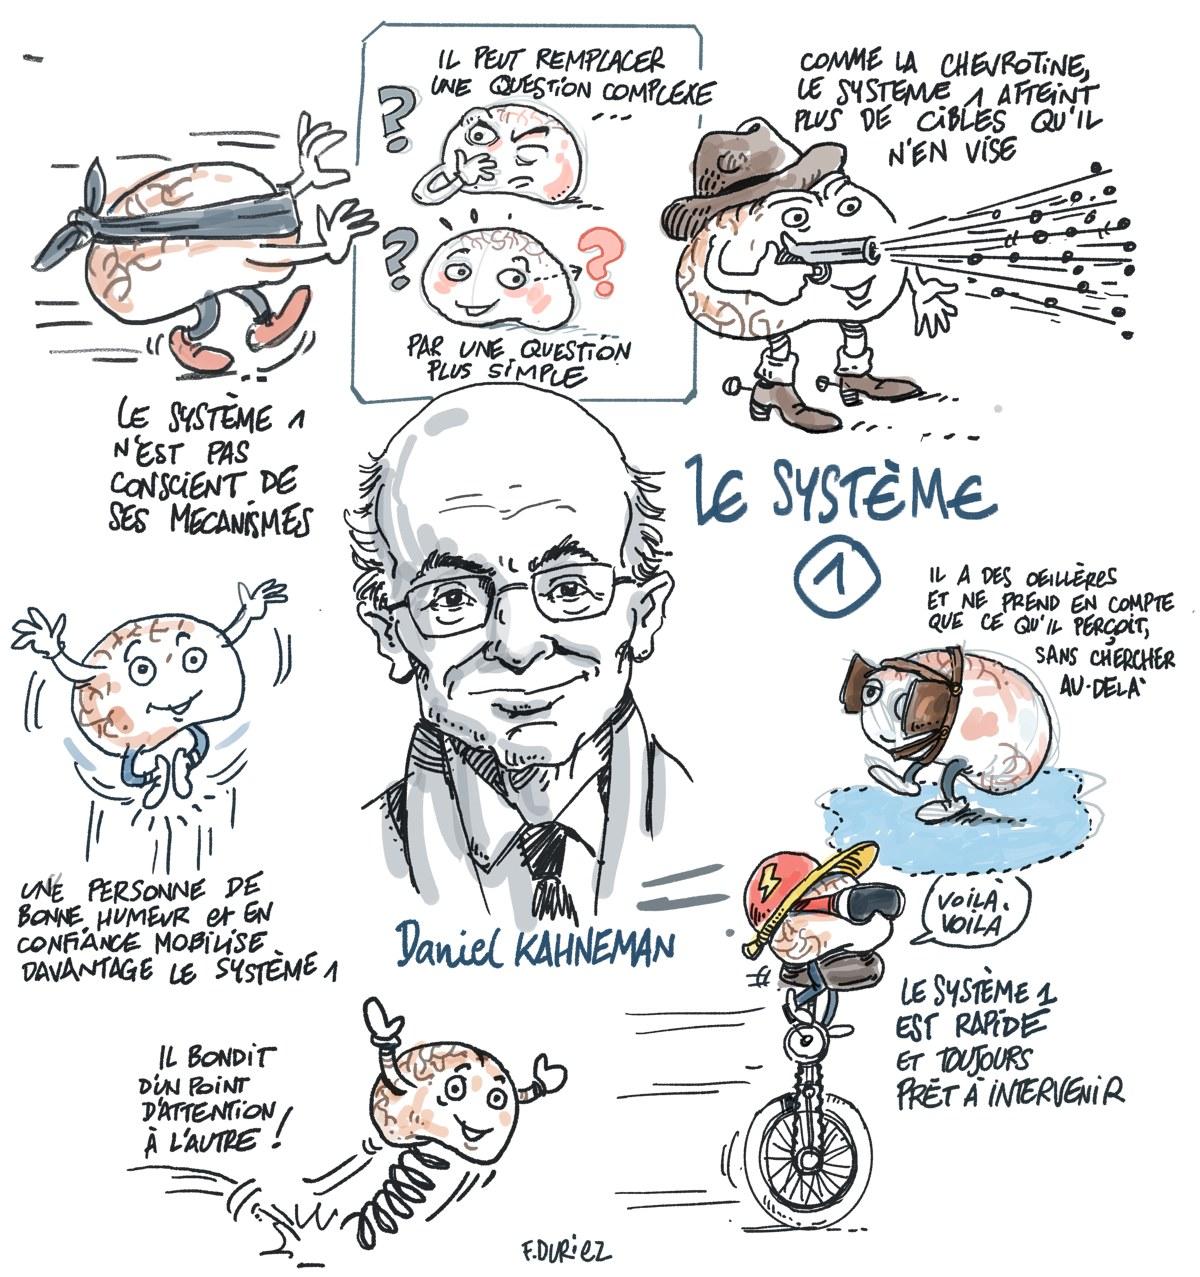 Kahneman et le système I, spontanée, rapide, mais facile à berner